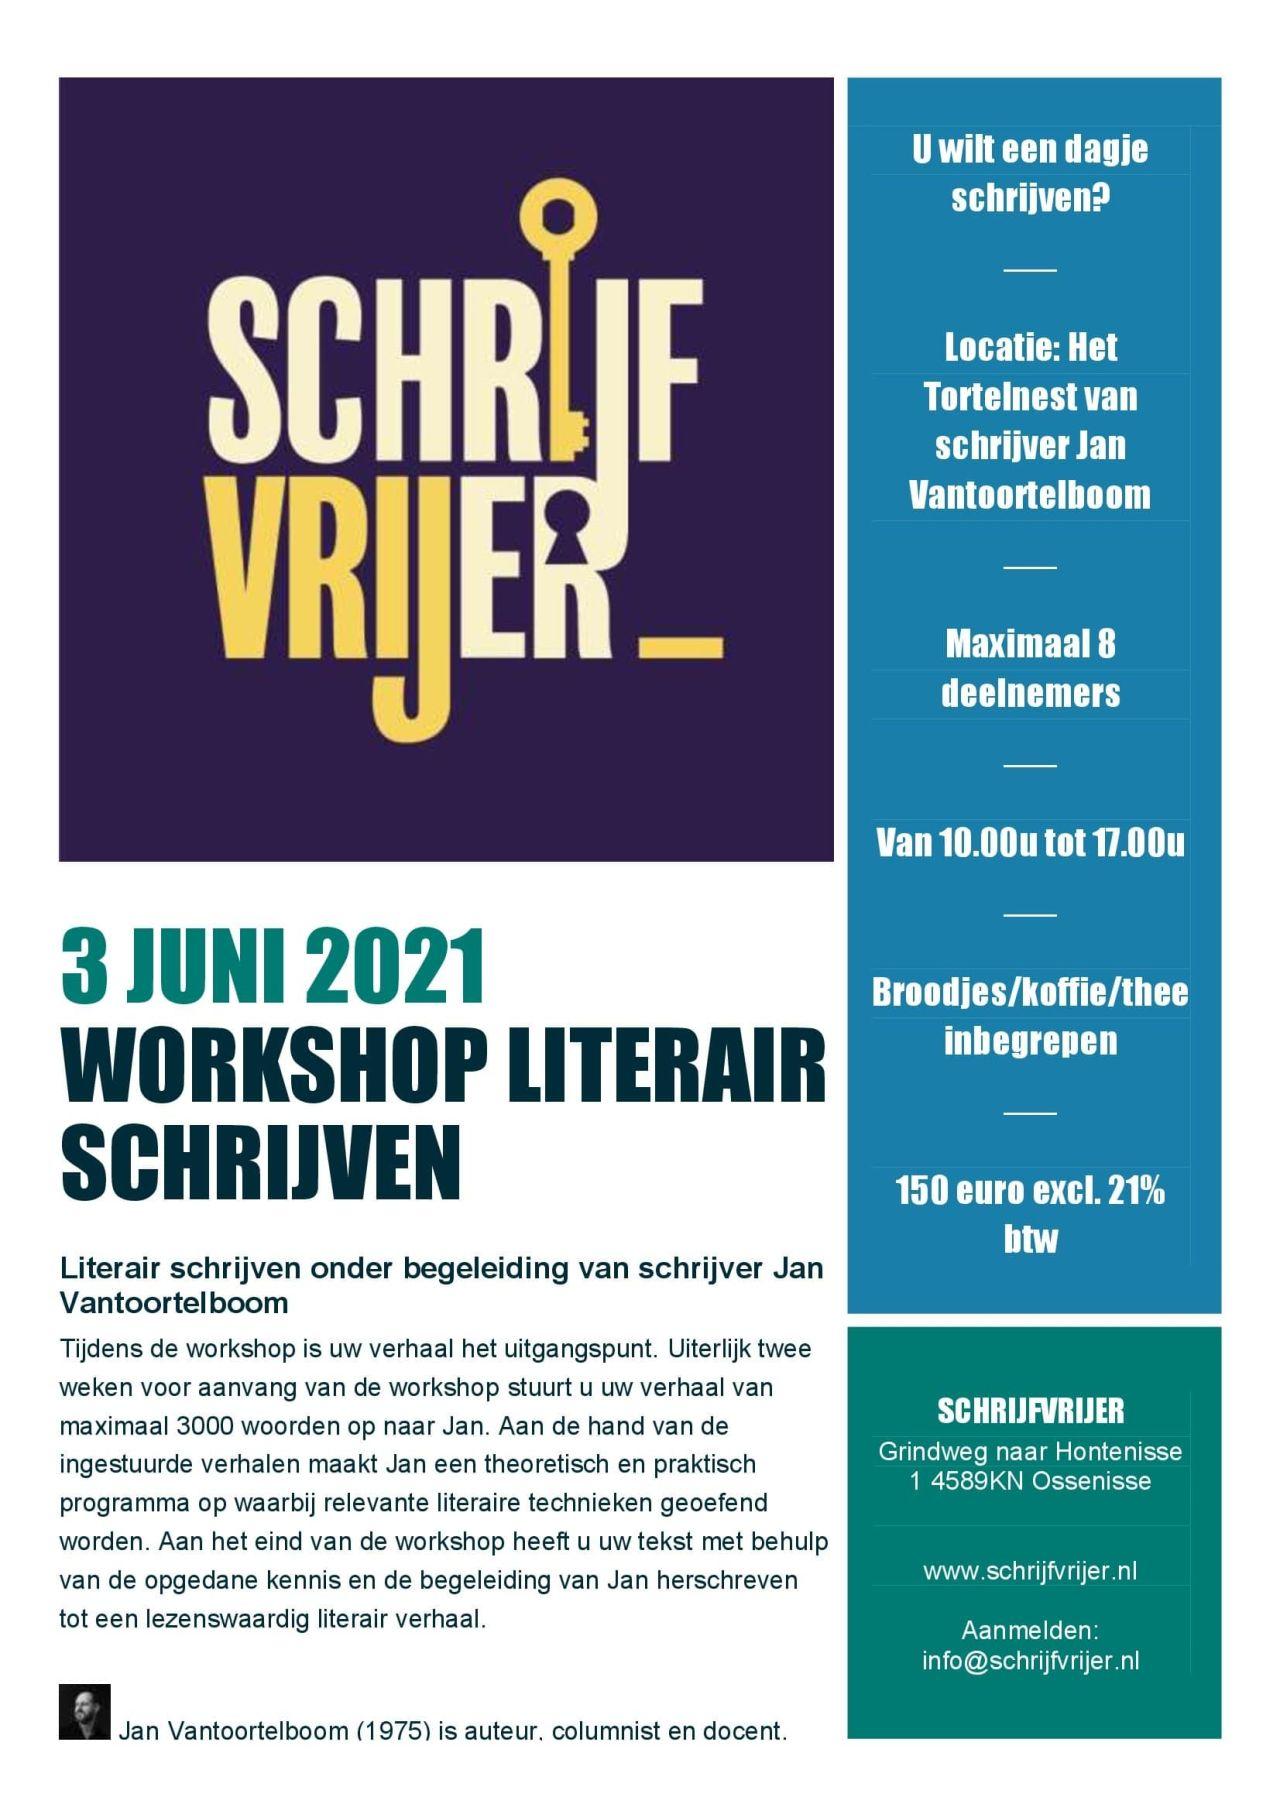 Workshop Literair Schrijven